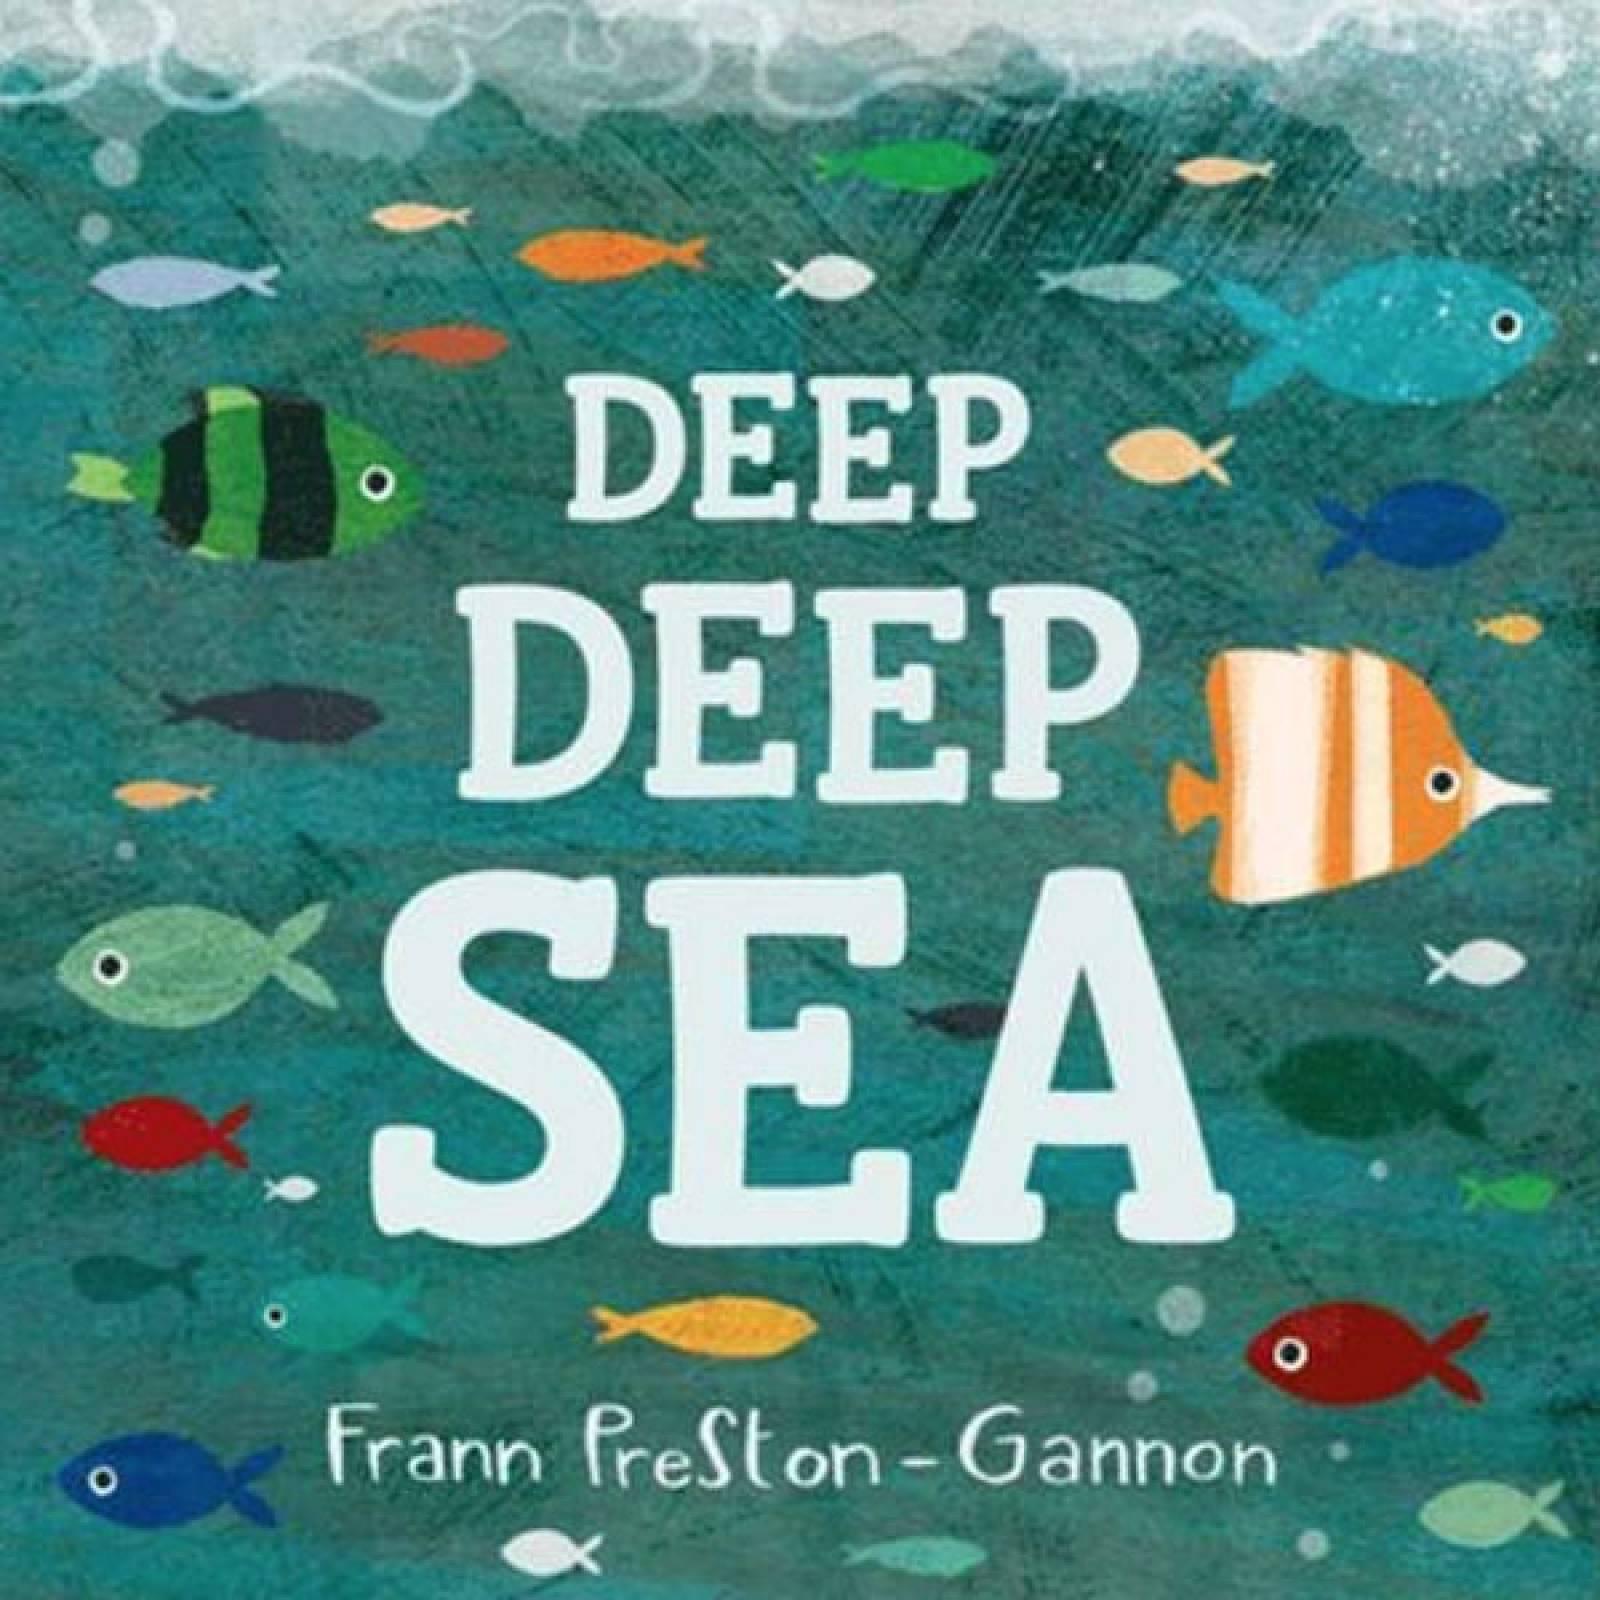 Deep Deep Sea Paperback Book By Fran Gannon-Preston